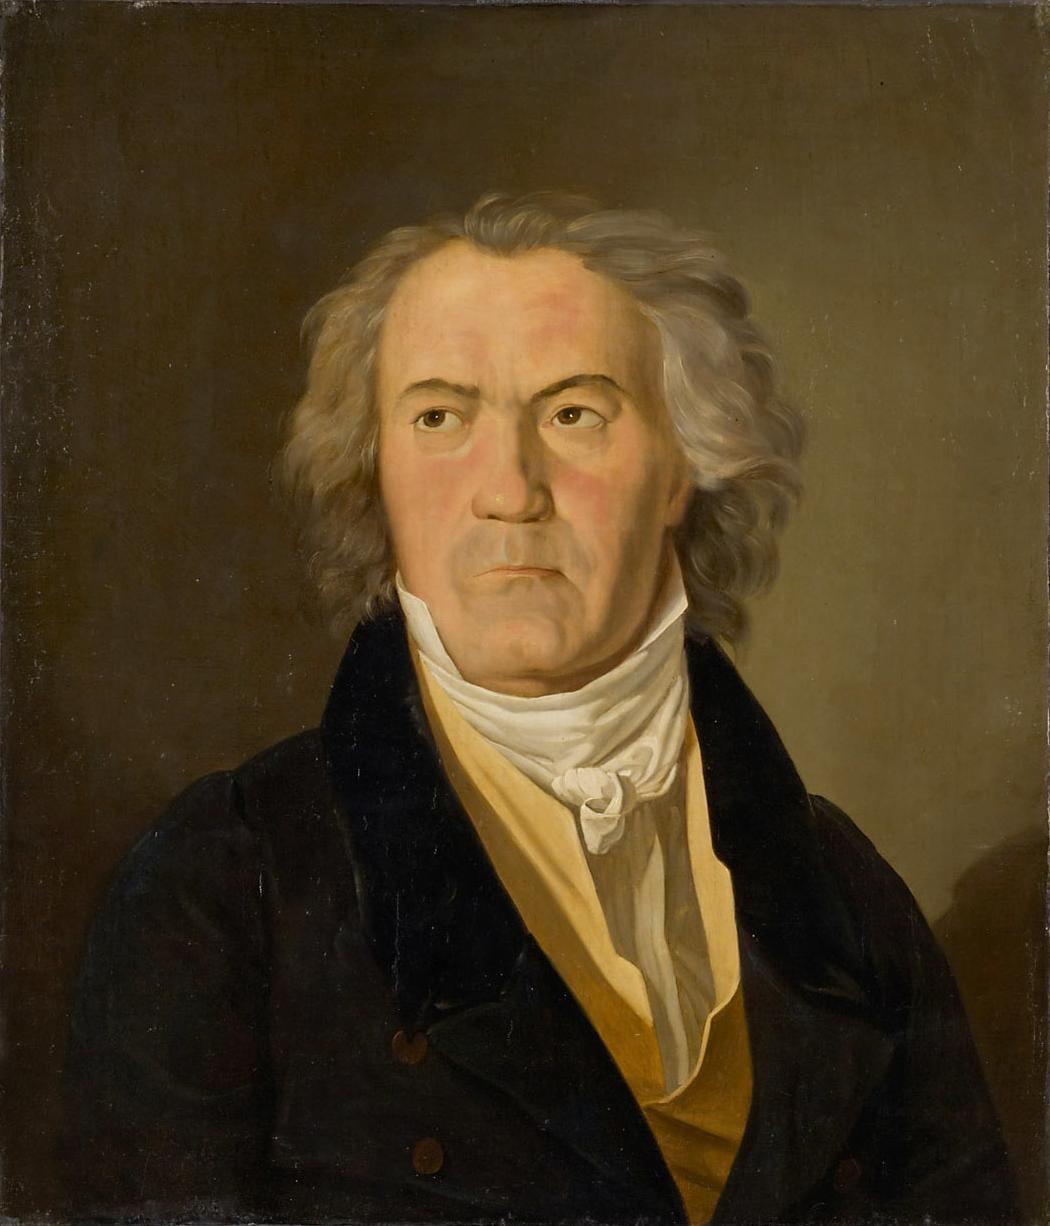 Beethoven en 1823, año en que terminó su <em>Novena sinfonía</em>. Retrato de Ferdinand Georg Waldmüller.